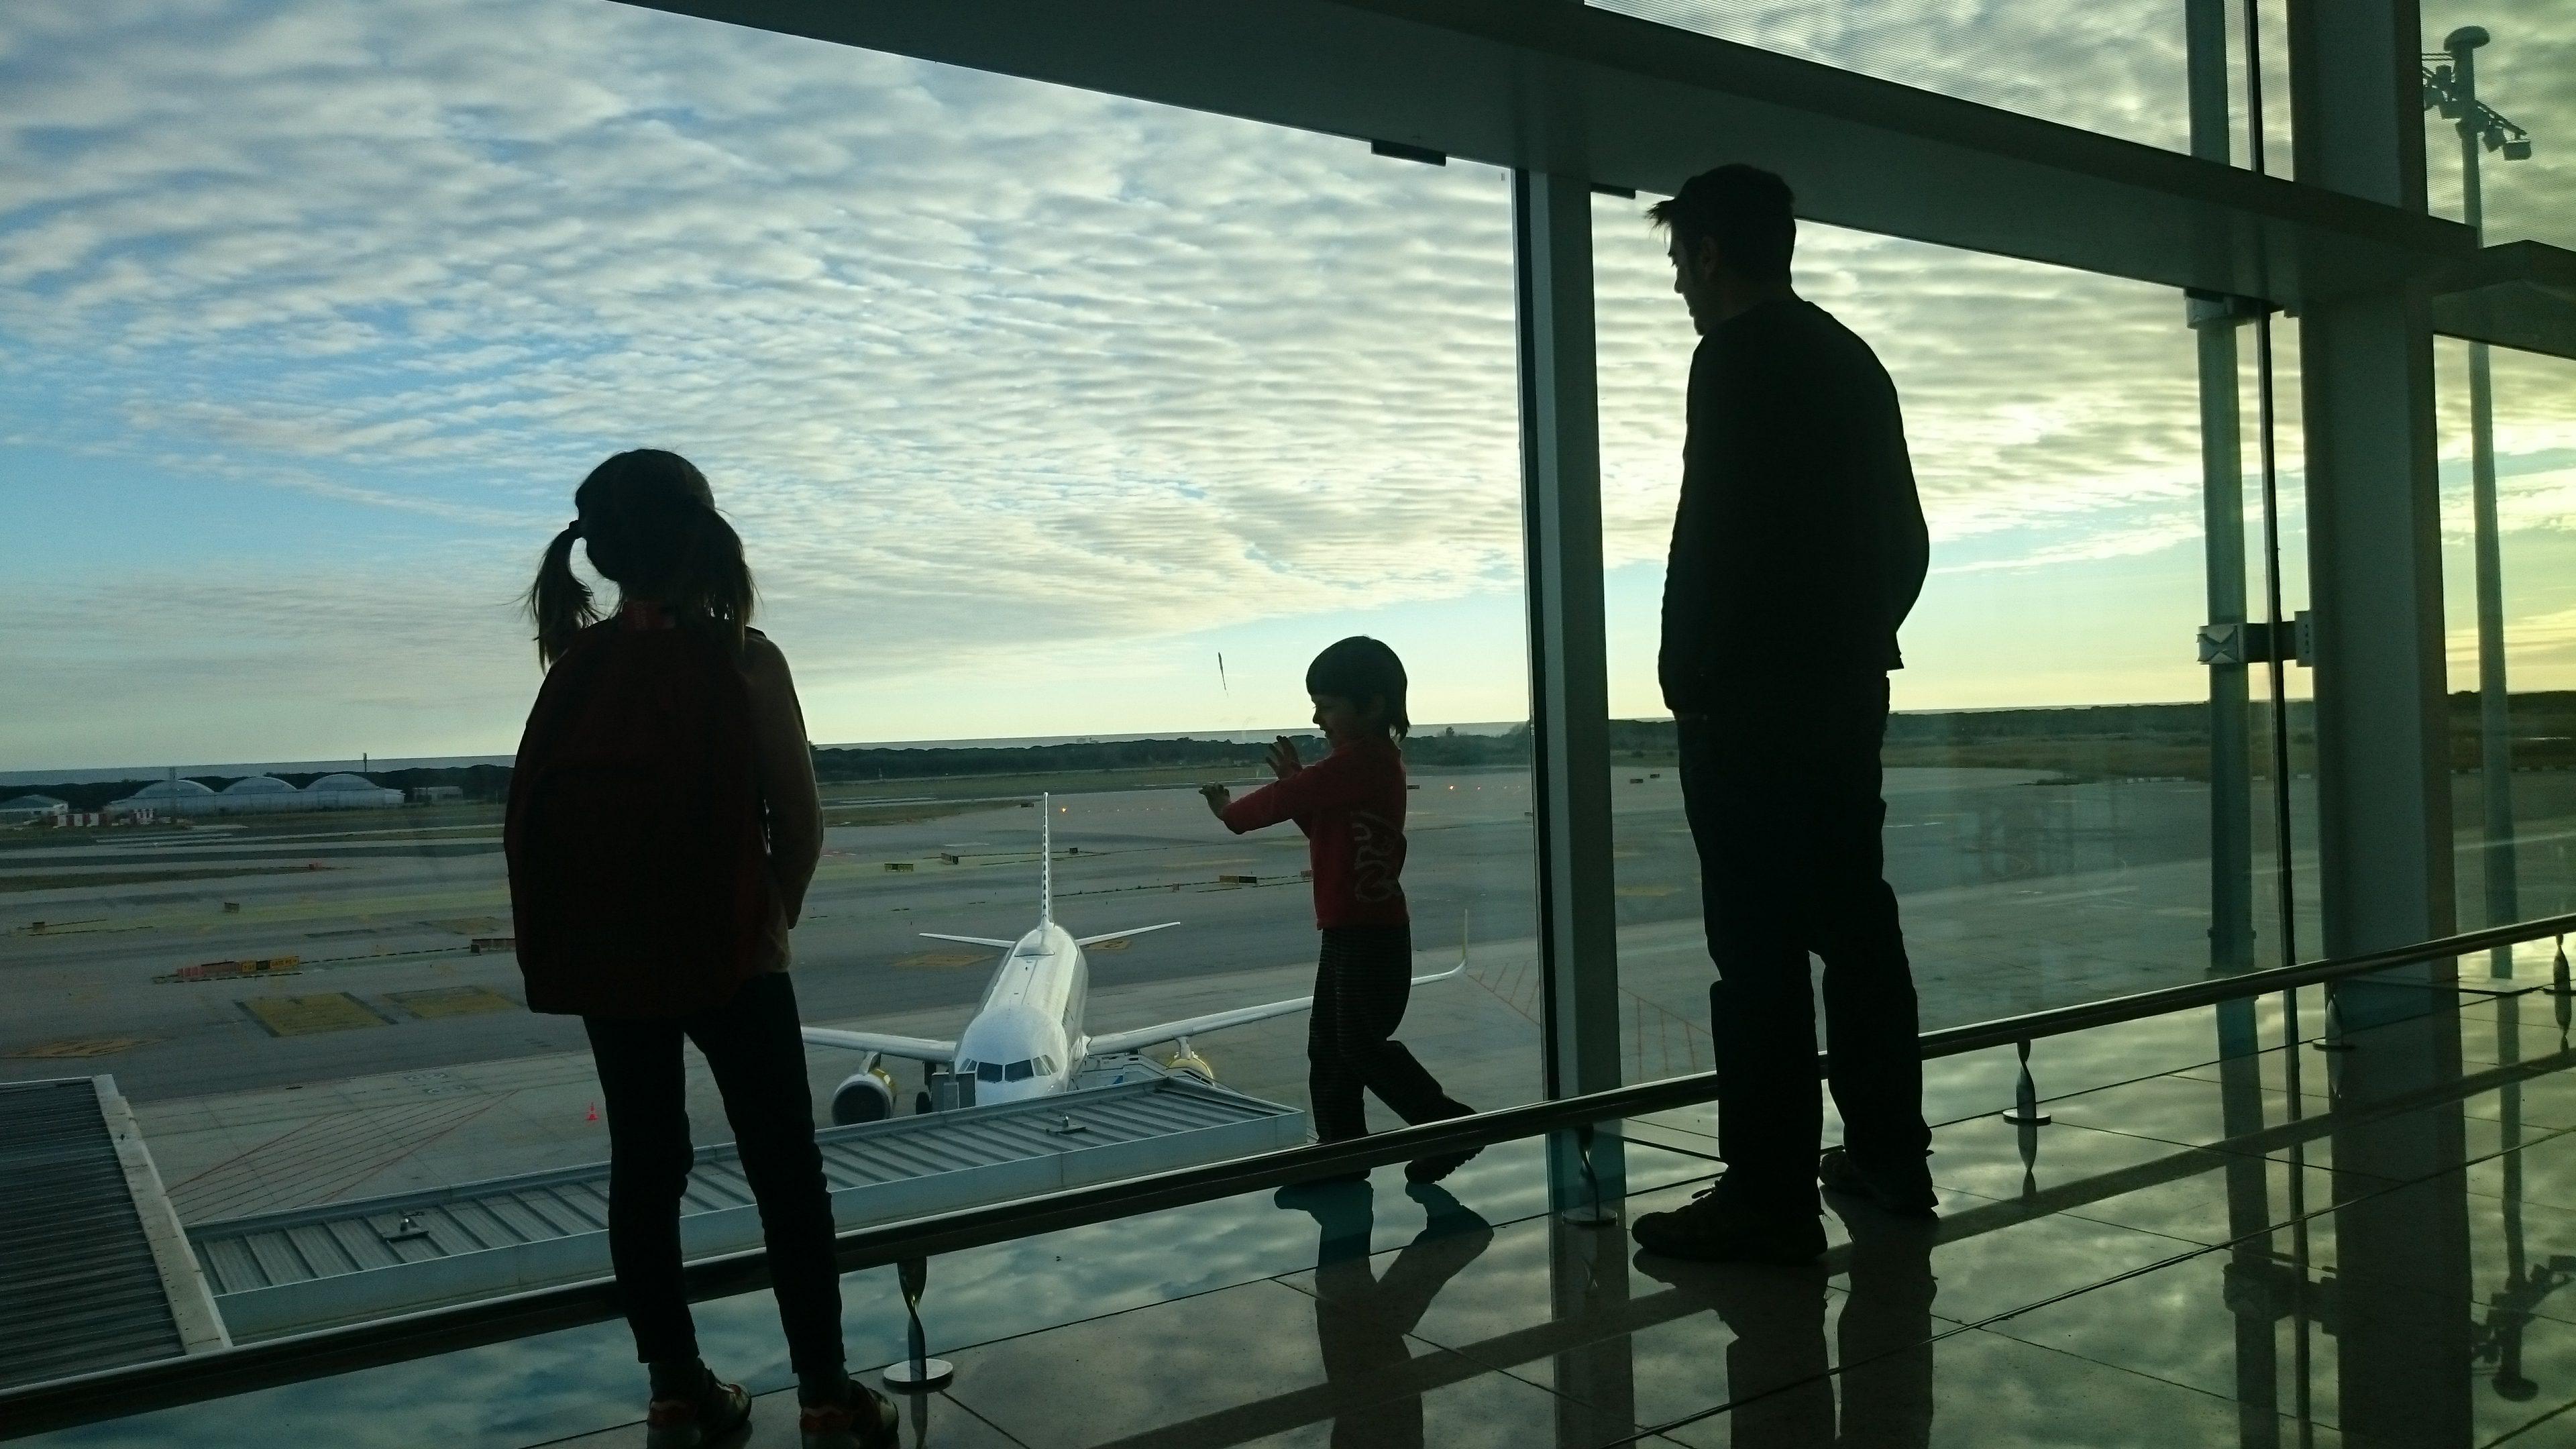 Recomendaciones Para Las Personas Que Van A Viajar A Eeuu: Diez Recomendaciones Para Viajar En Avión Con Niños